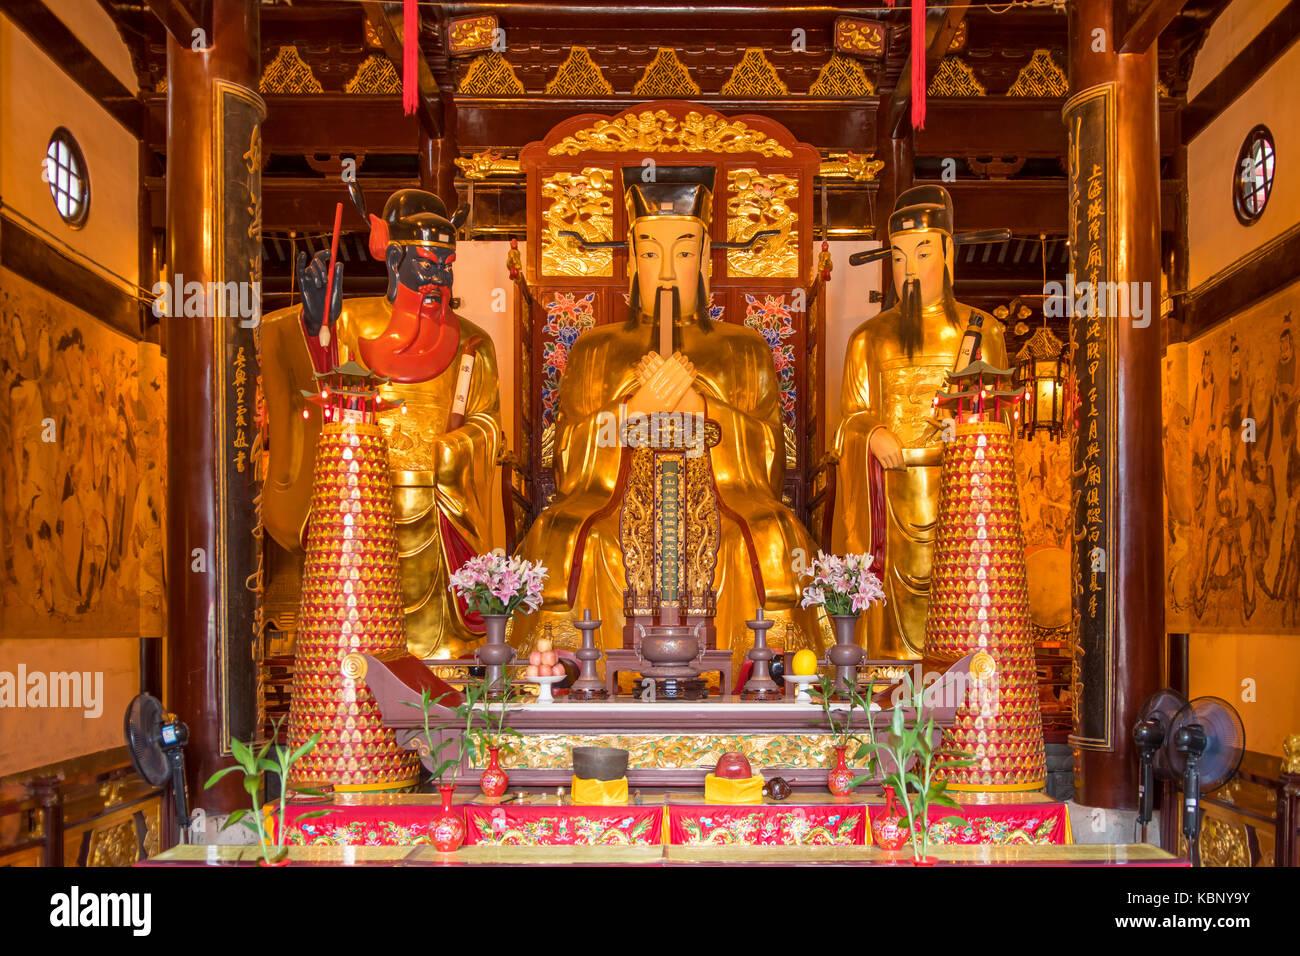 All'interno del tempio di Jing'an, Shanghai, Cina Immagini Stock